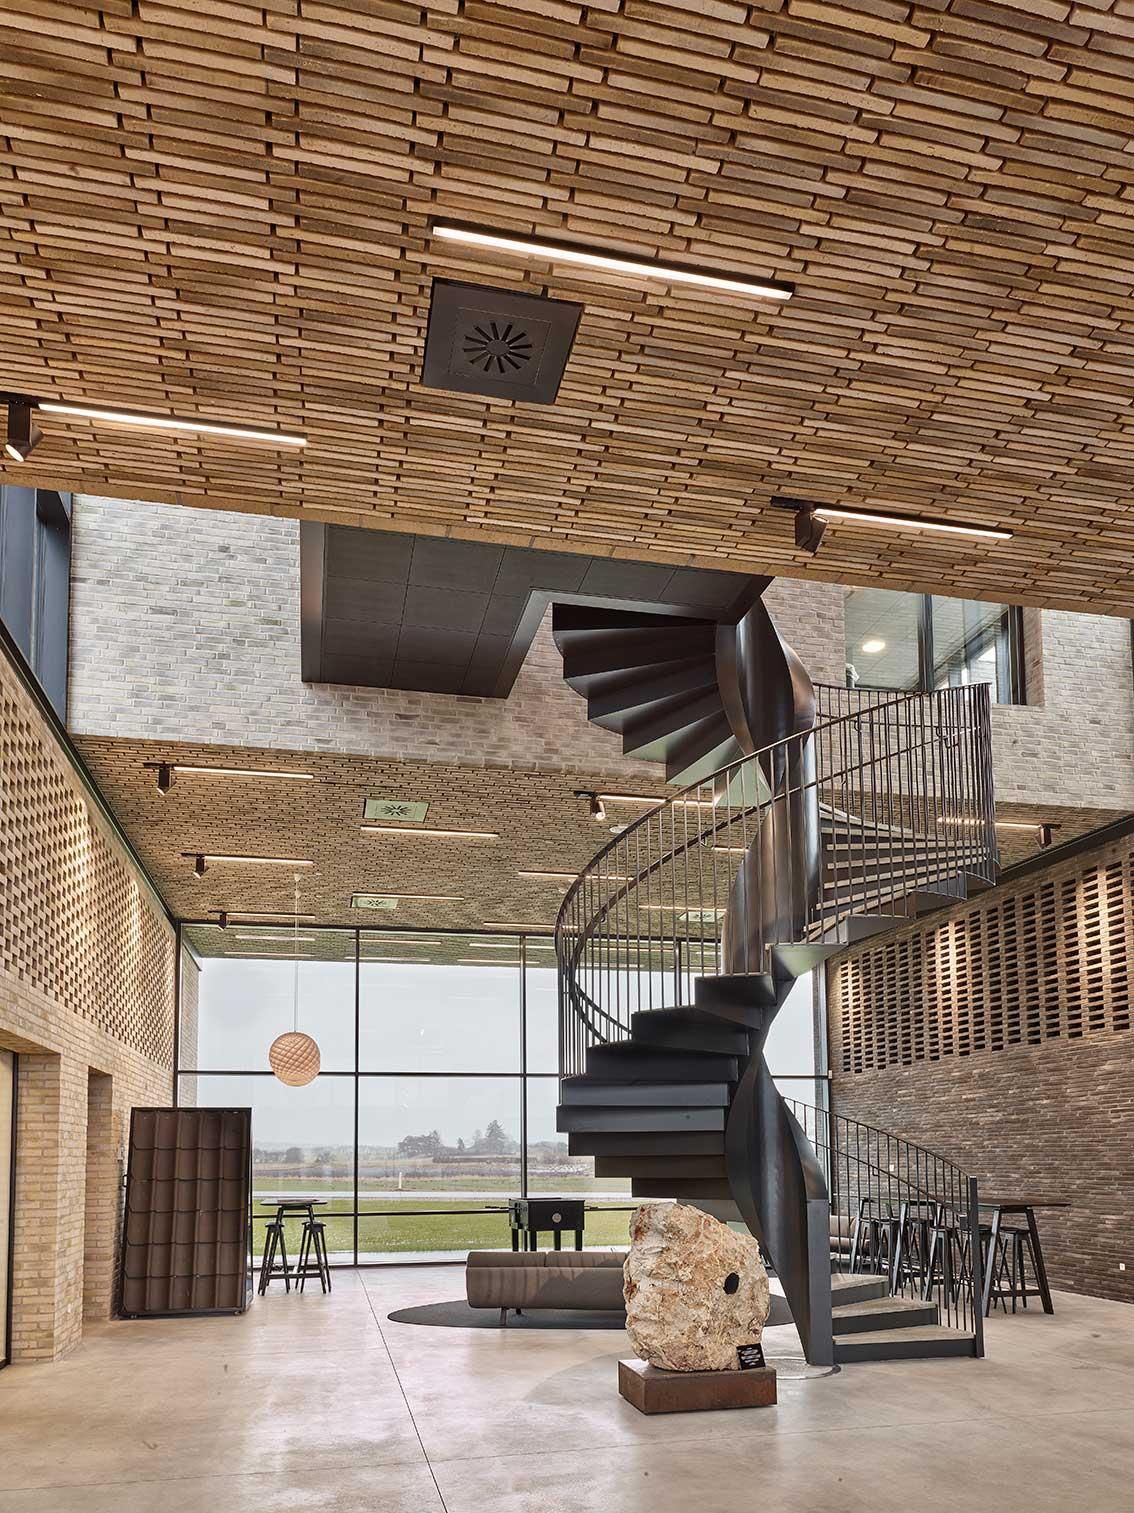 Matric aflang lampe og midpoint spotlight lampe monteret mellem murstene direkte i loftet i showroom - Luminex